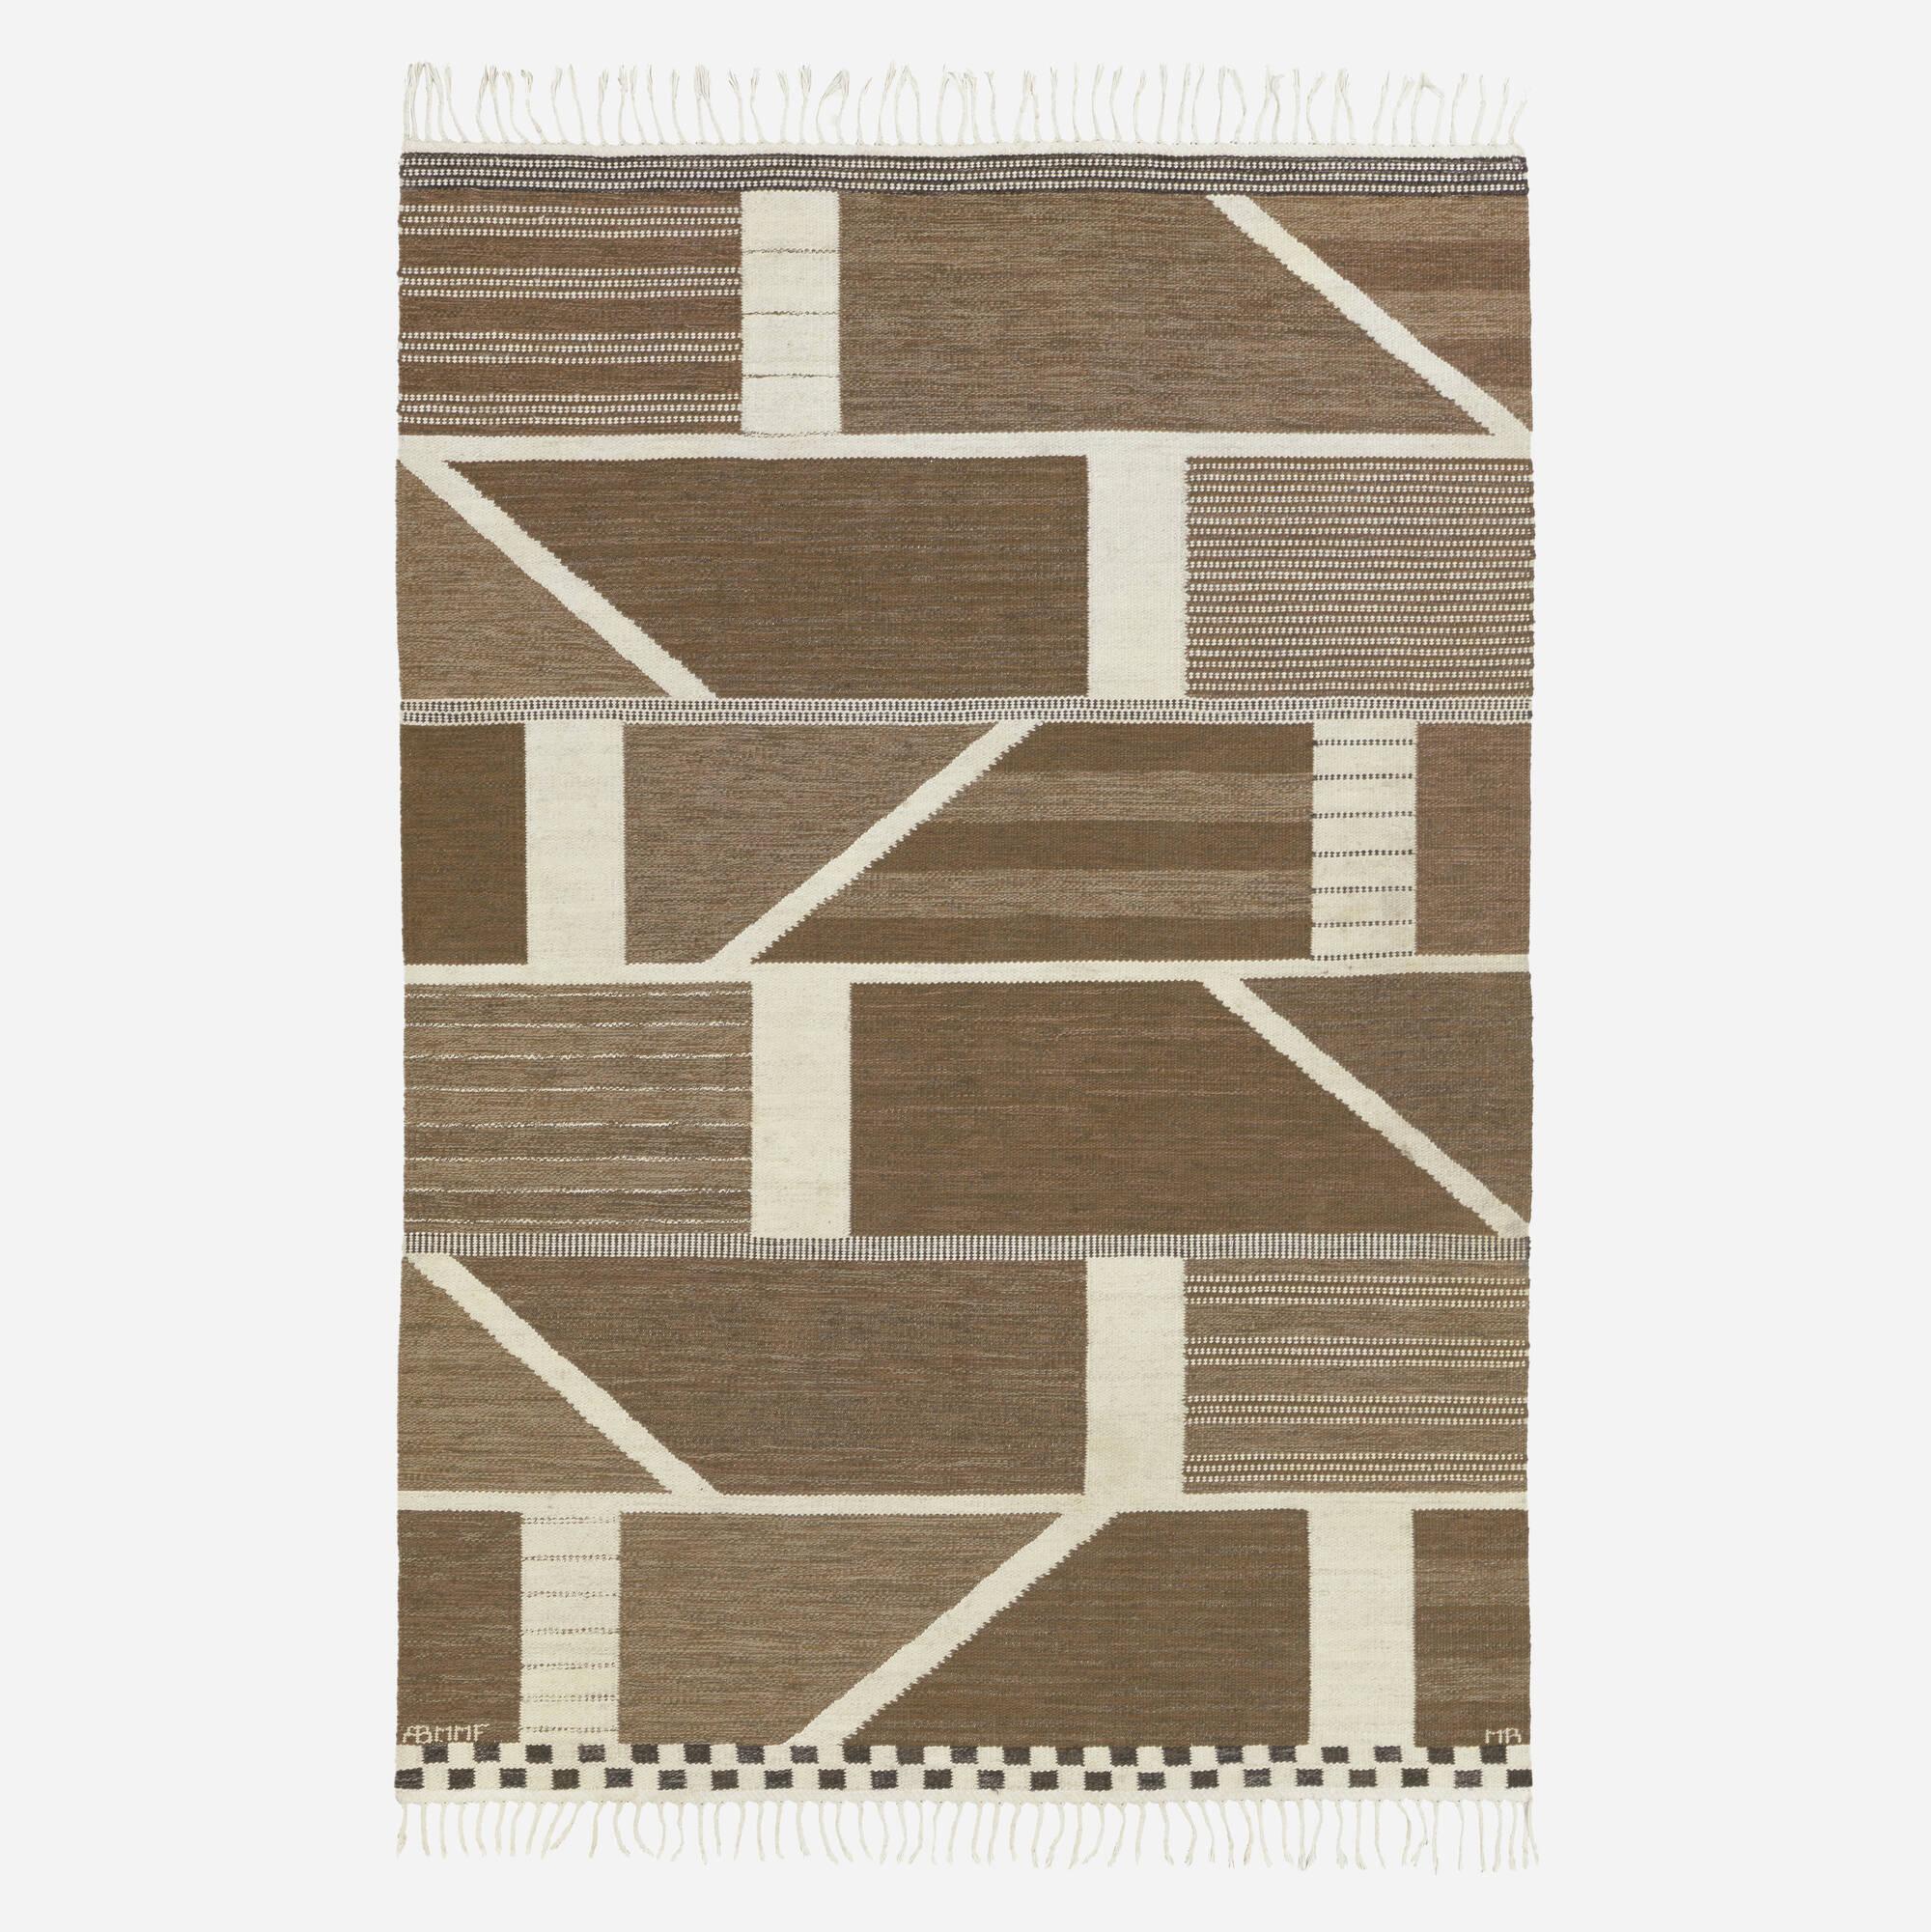 201: Marianne Richter / Korsvirke flatweave carpet (1 of 2)